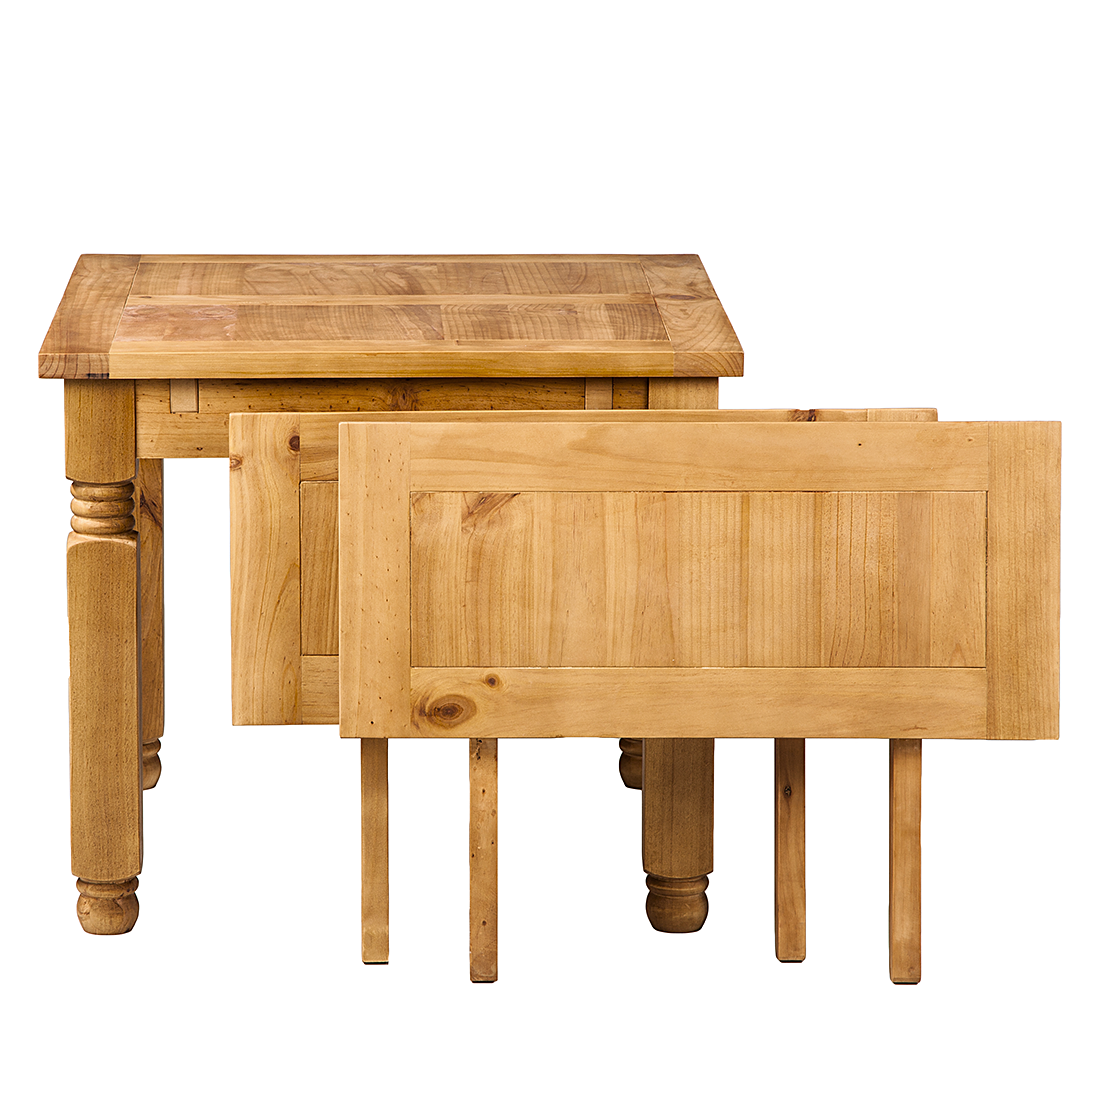 Massivholz Tische Erobern Wohnraum Giuseppe Pruneri